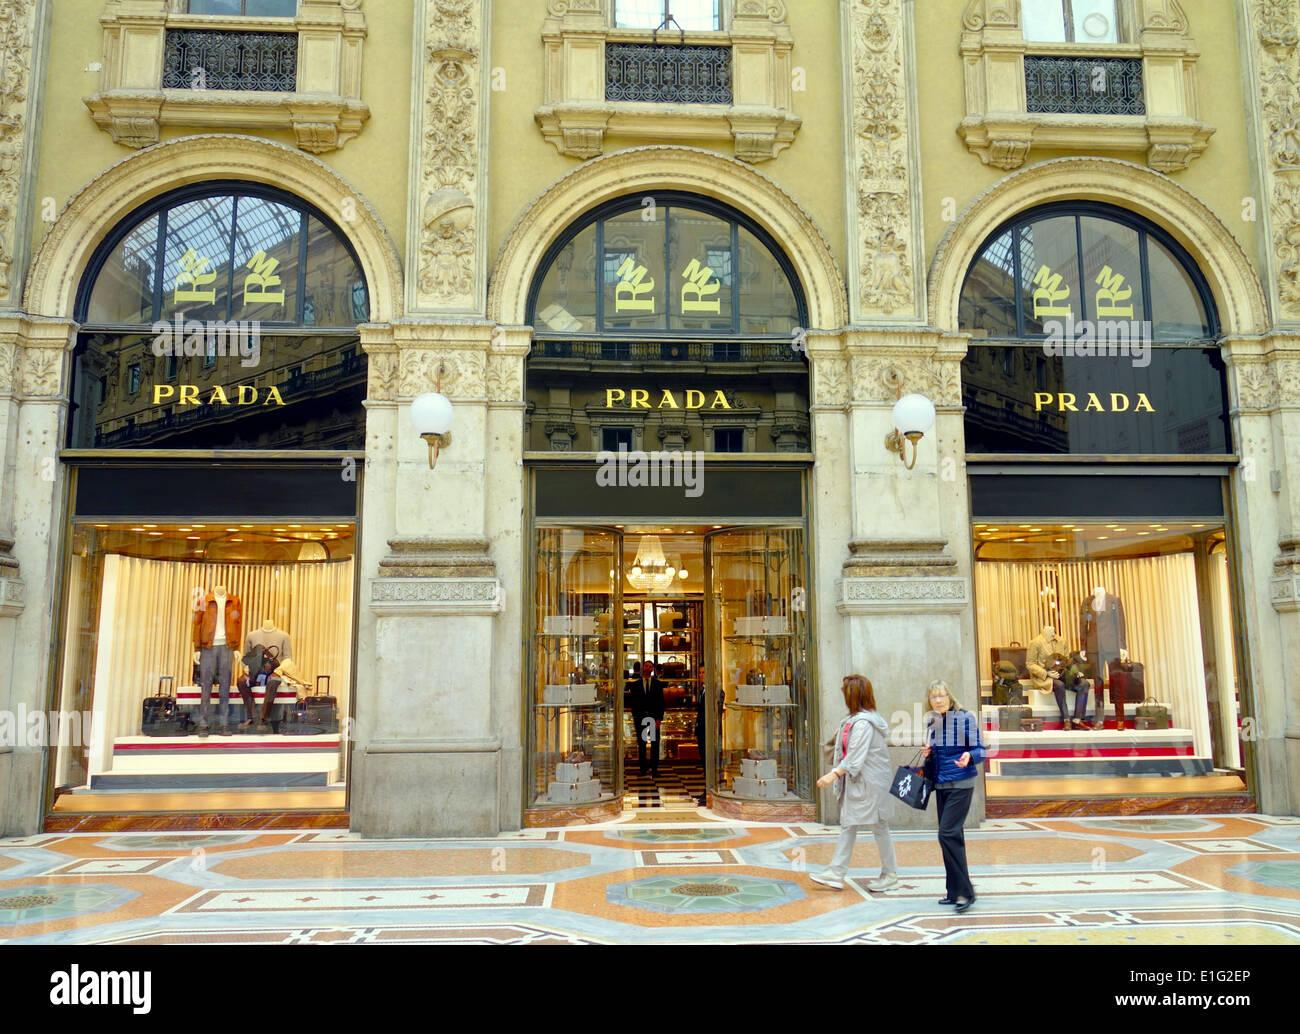 Prada Store In Galleria Vittorio Emanuele In Milan Italy Stock